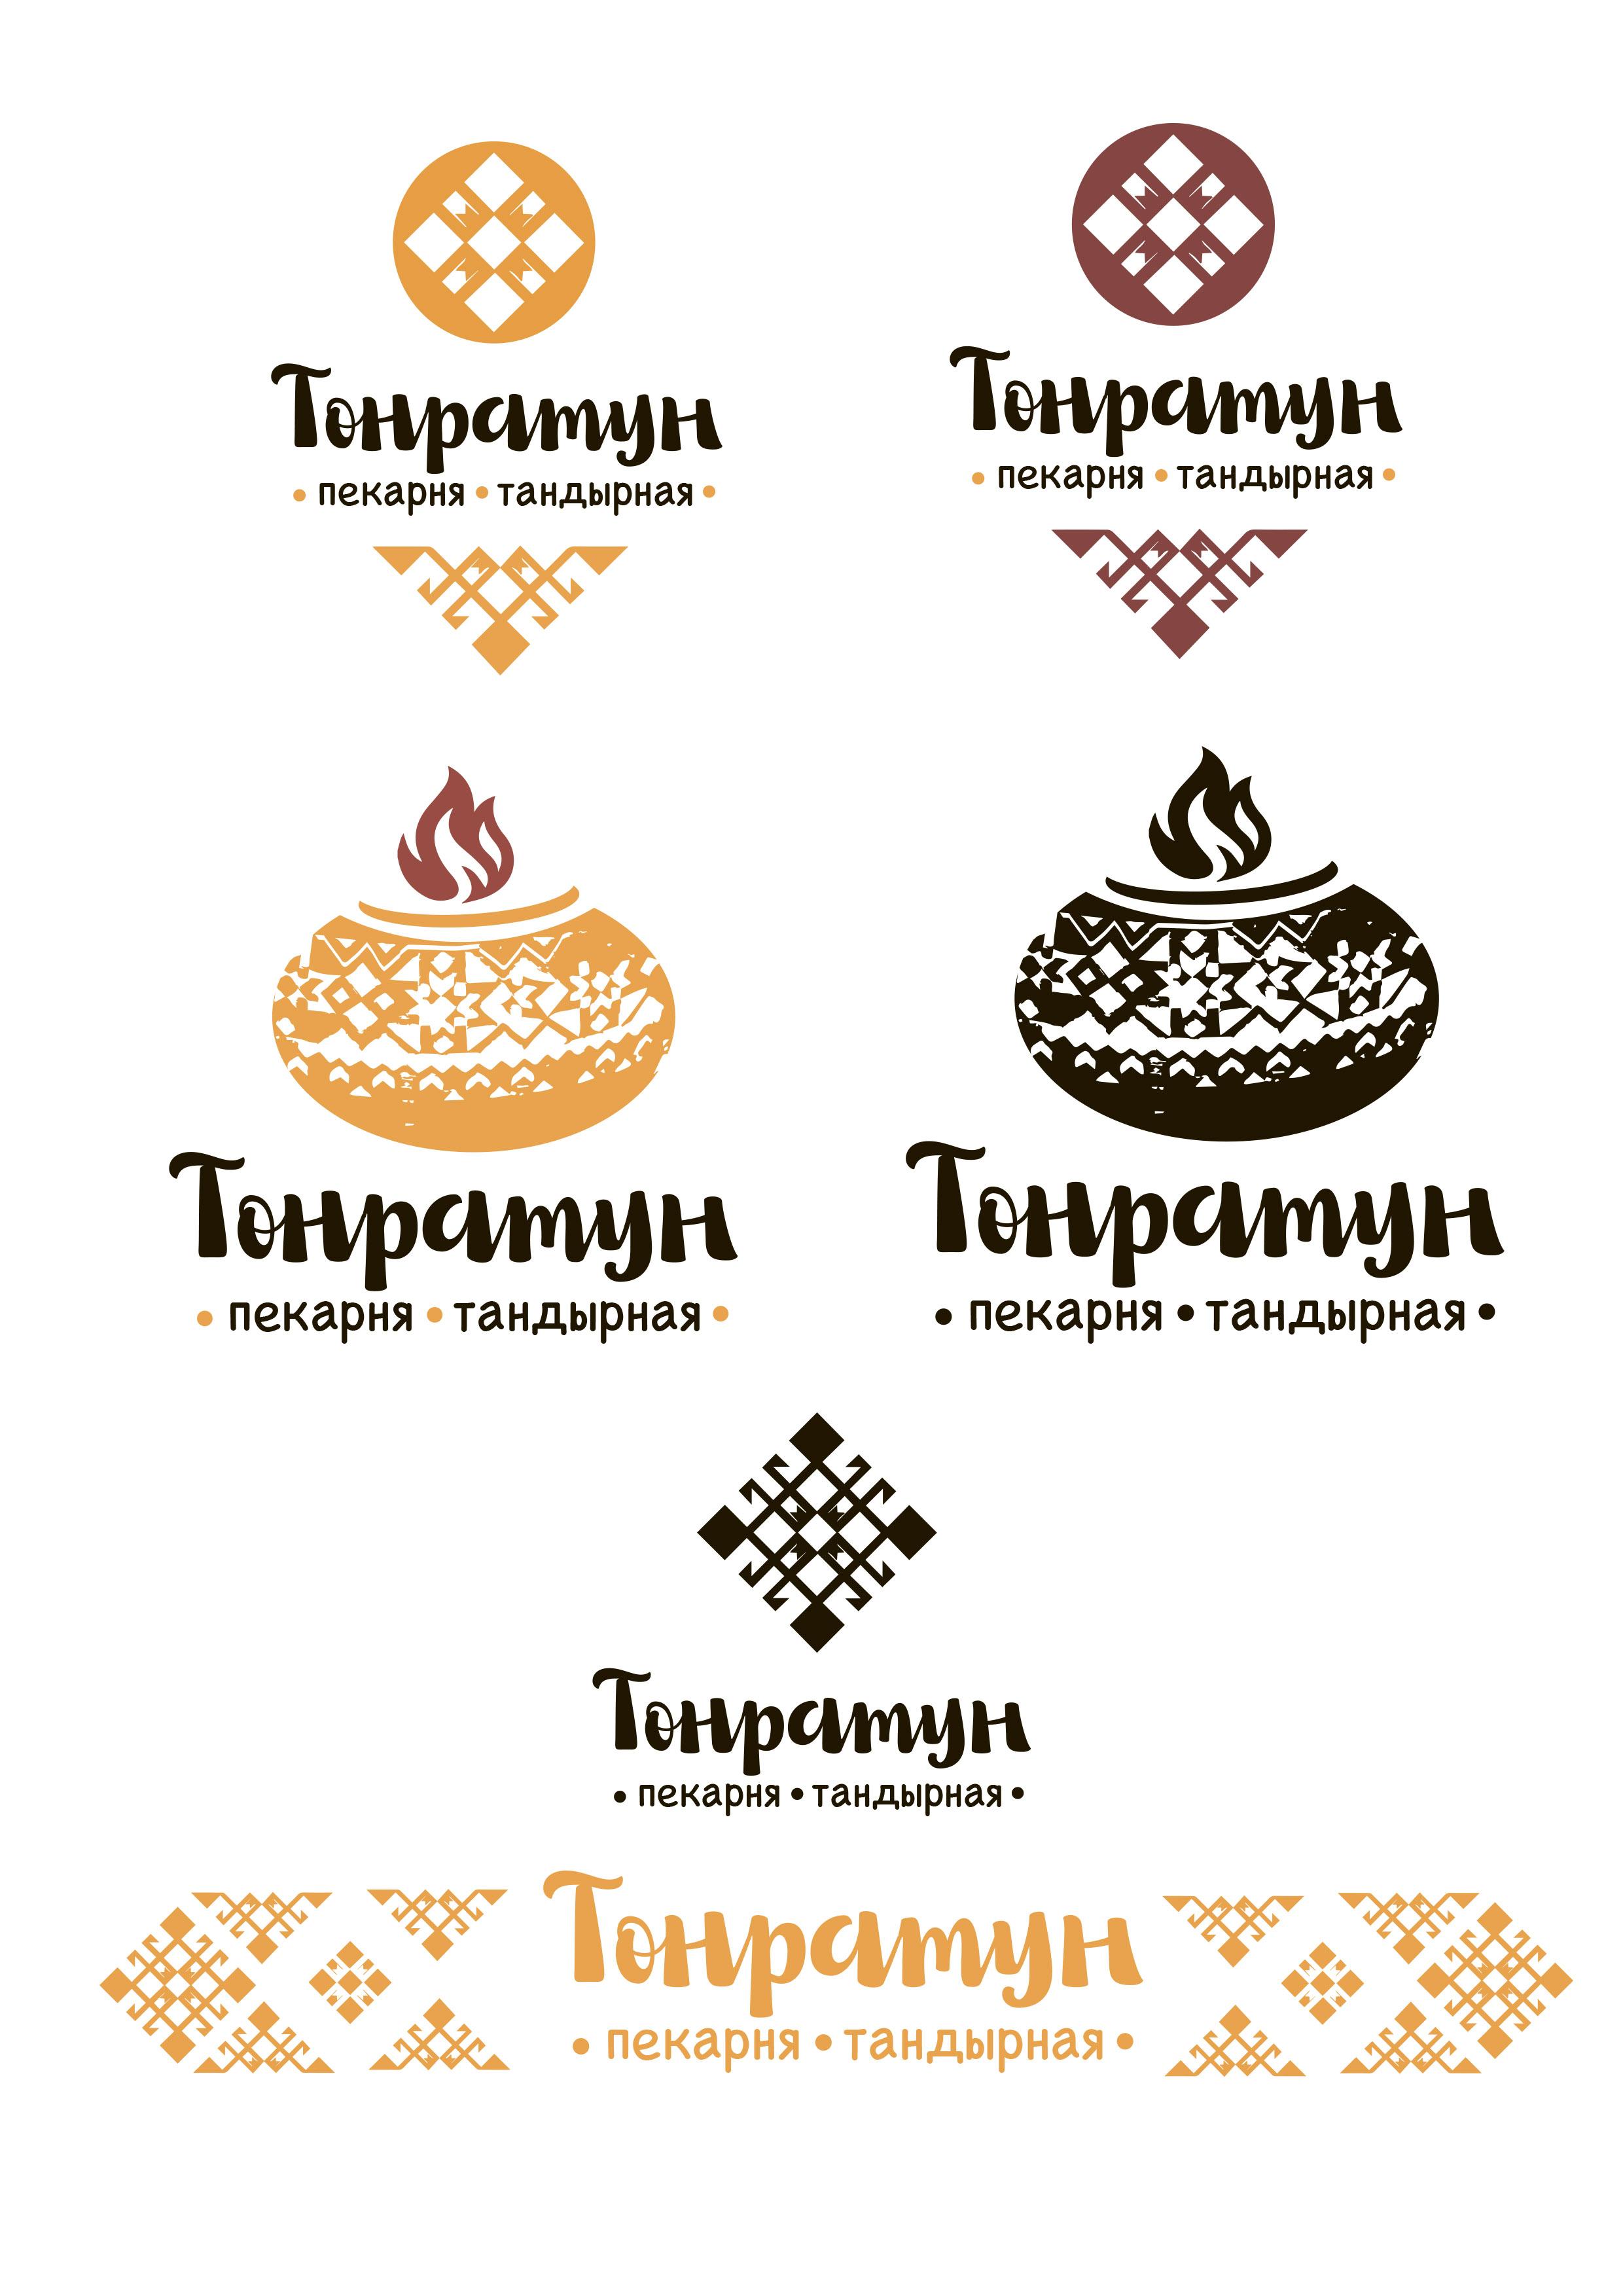 Логотип для Пекарни-Тандырной  фото f_1575d9217b49bbba.jpg